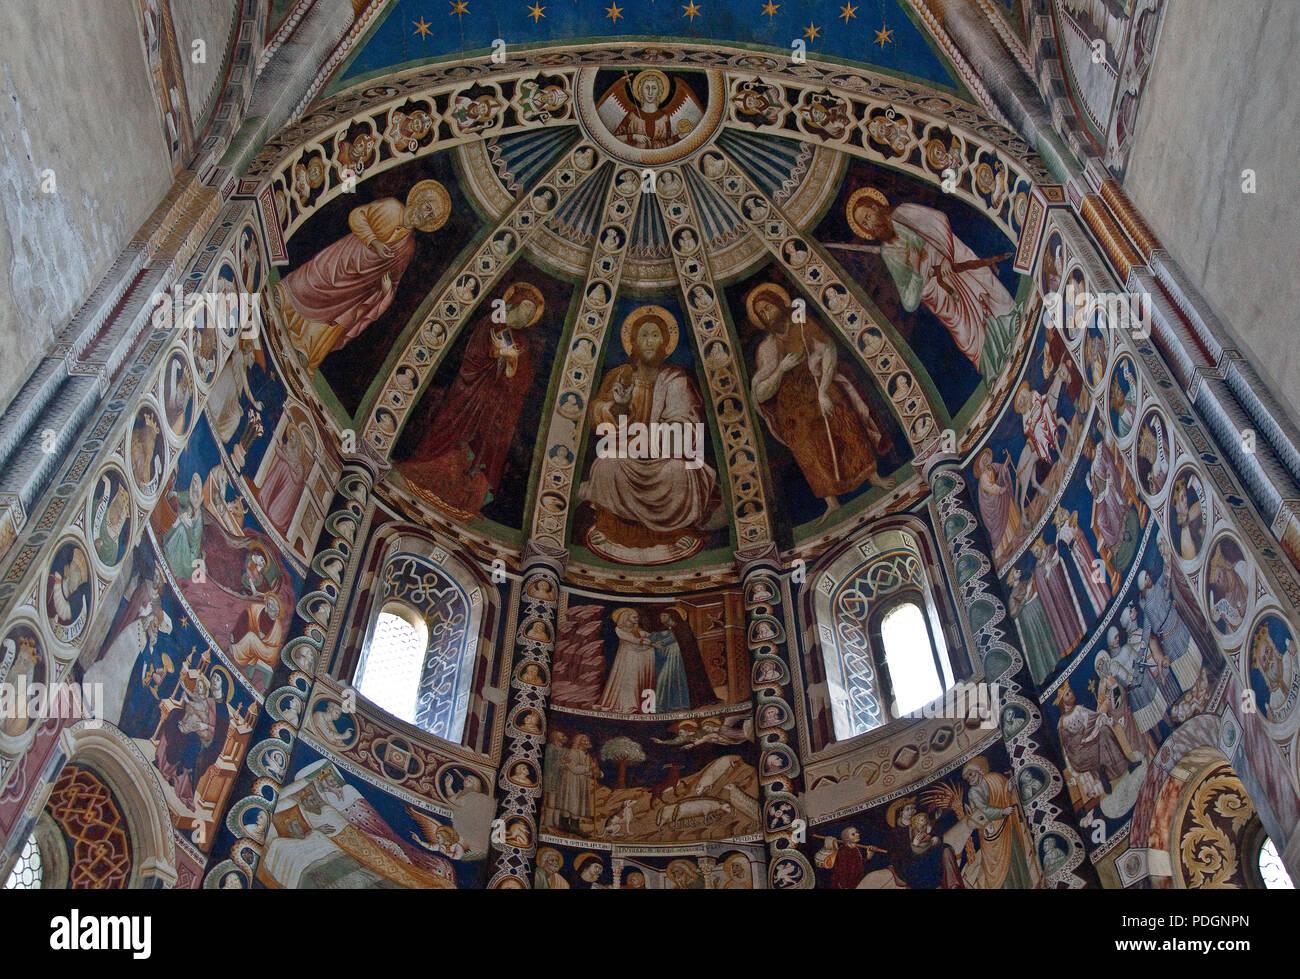 Italien Como Kirche San Abbondio Apsismalerei Fresko um 1350 Leben Jesu Heiliger Perus Heiliger Paulus - Stock Image